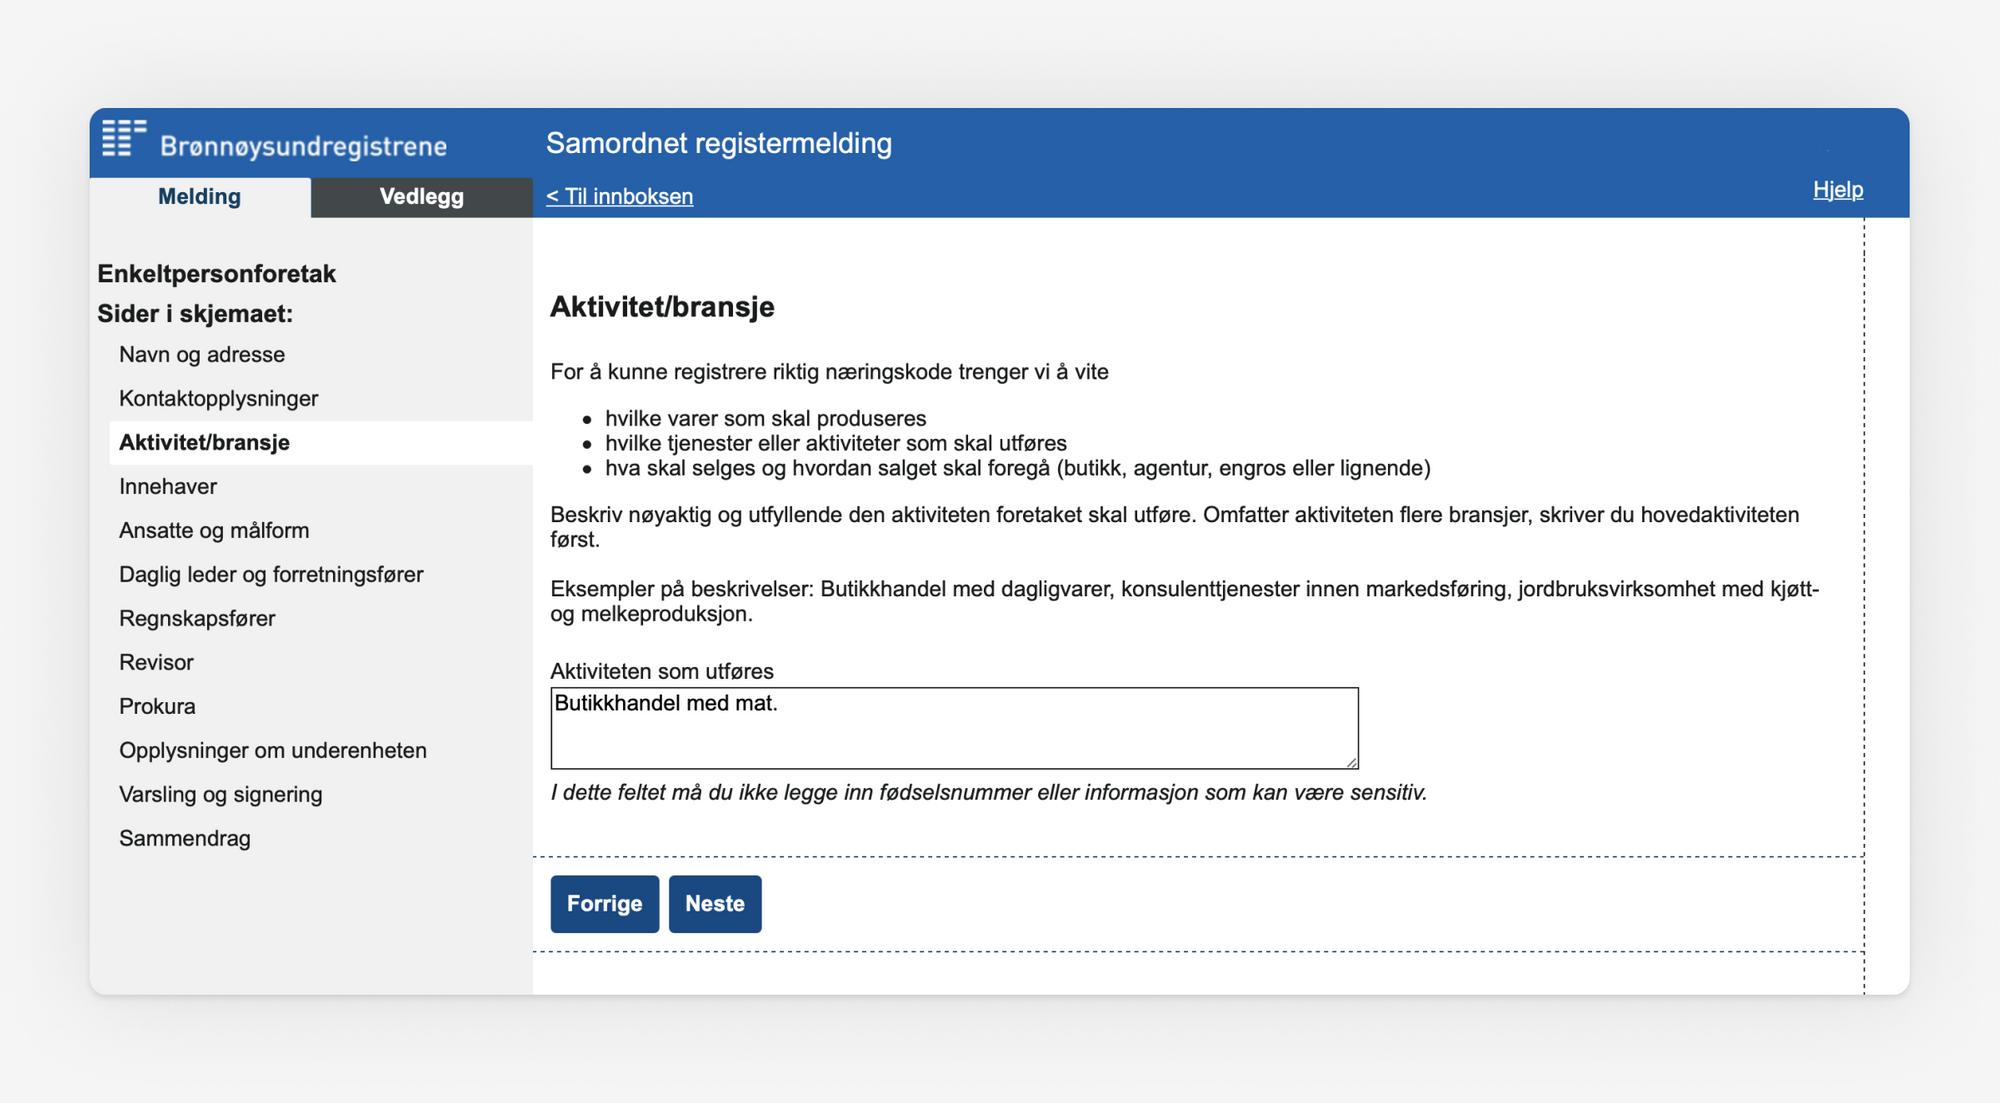 Skjermbilde som viser valg av aktivet/bransje i Samordnet registermelding